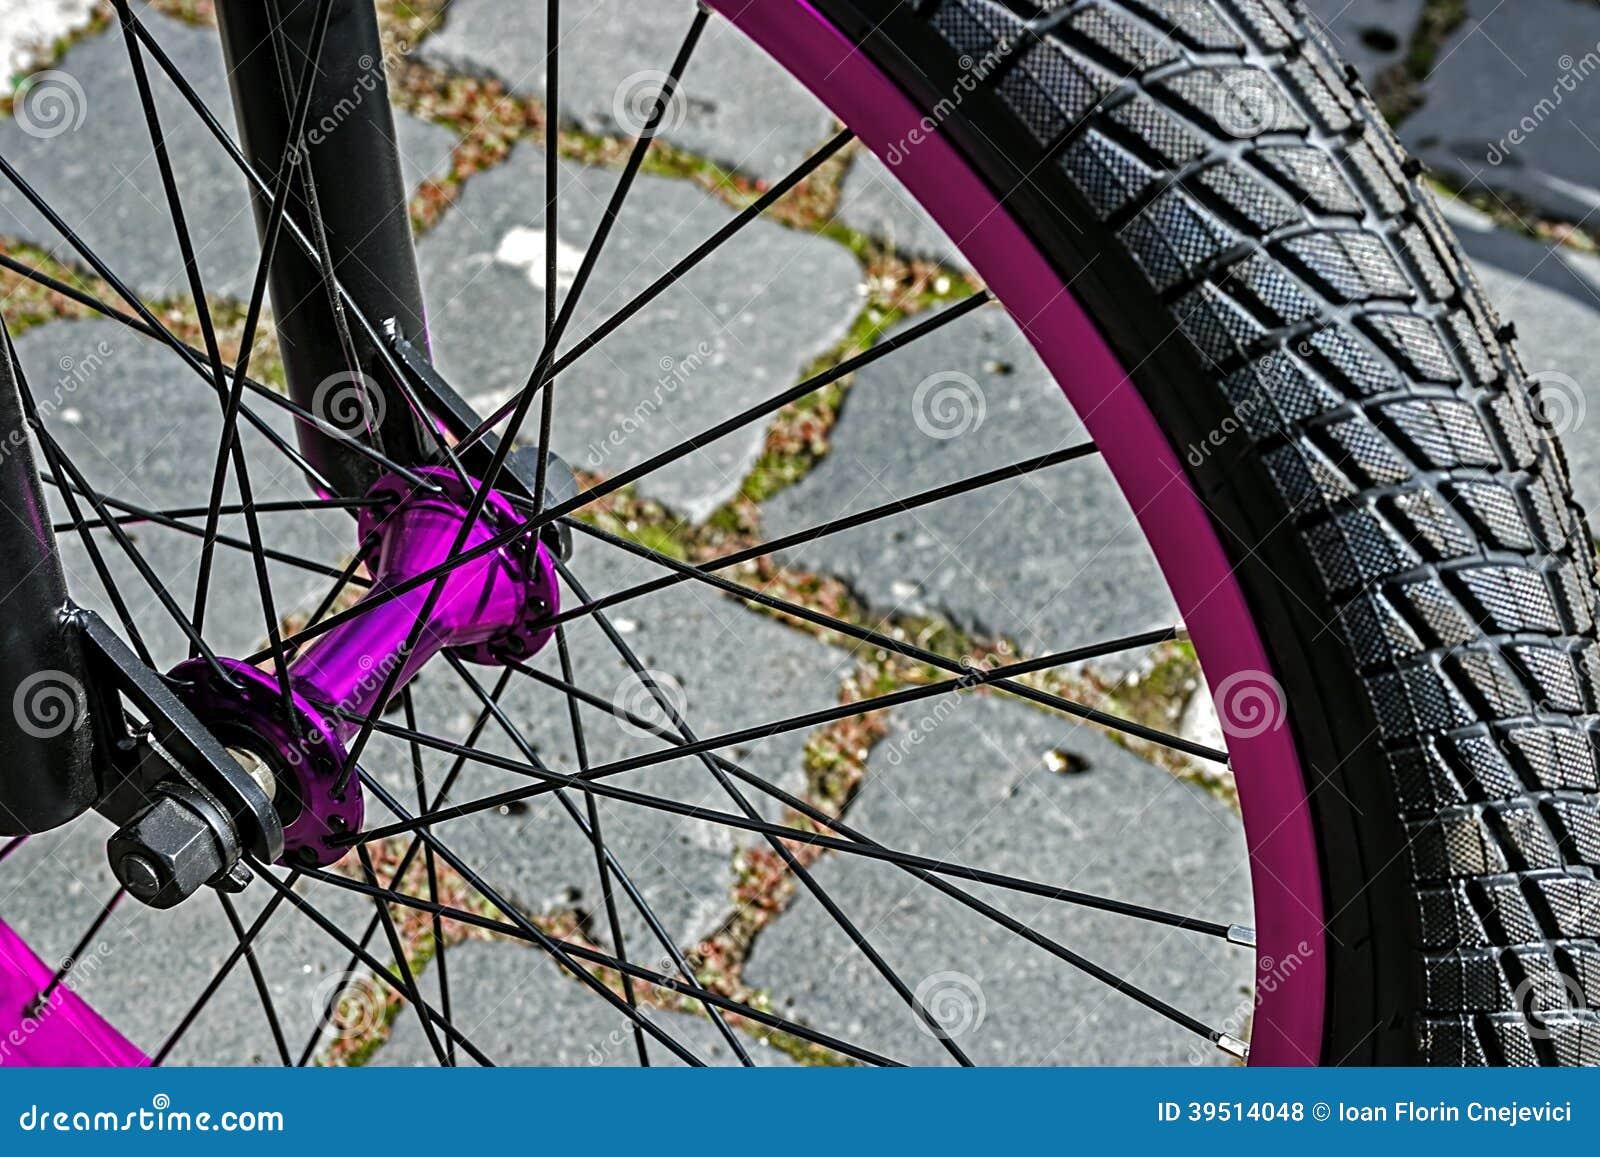 Bicycle wheel. Detail 13